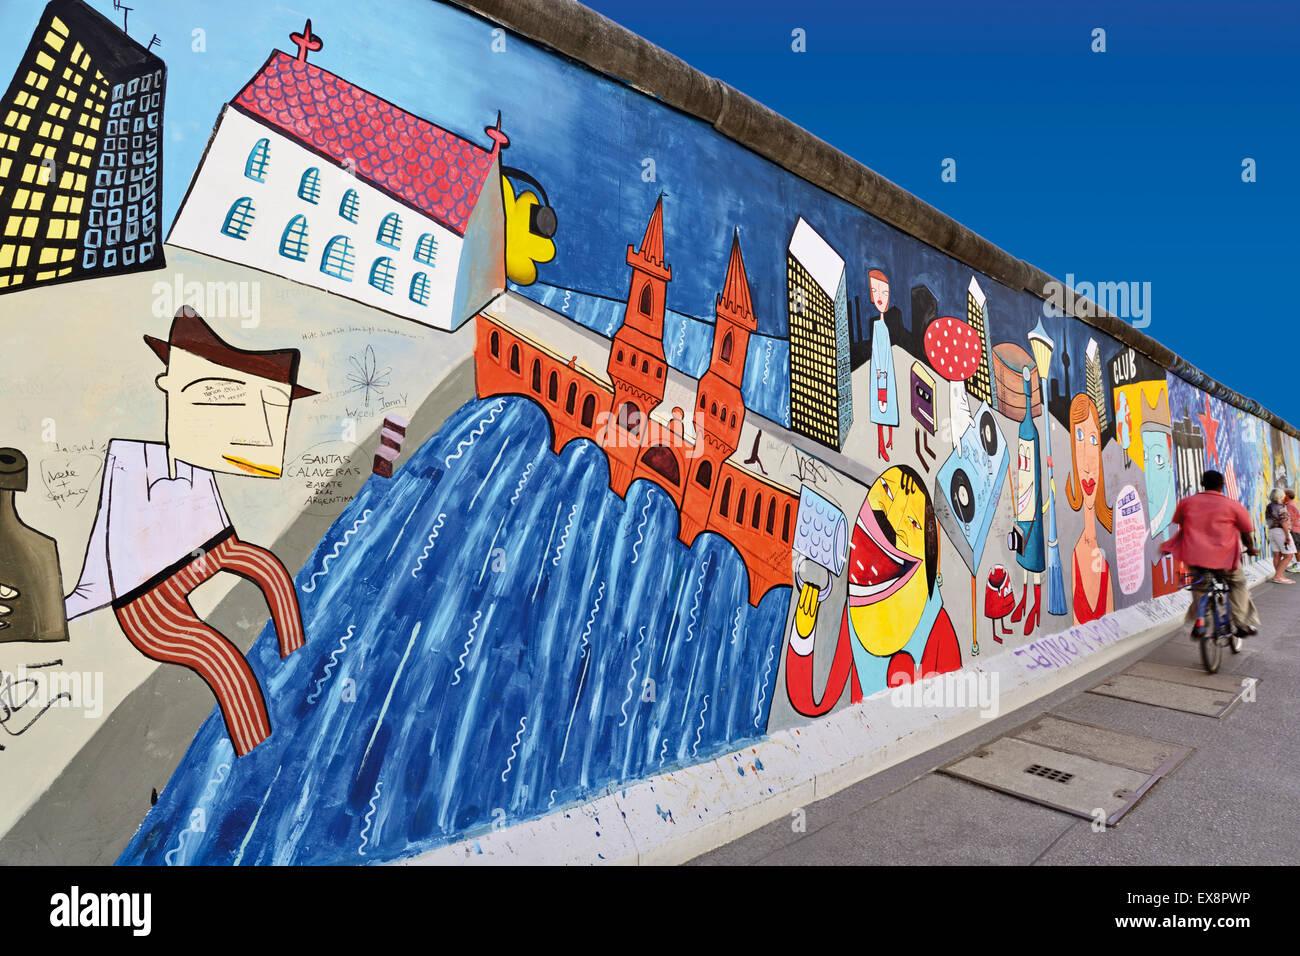 Alemania, Berlín: pinturas murales sobre el muro de Berlín en el East Side Gallery Imagen De Stock